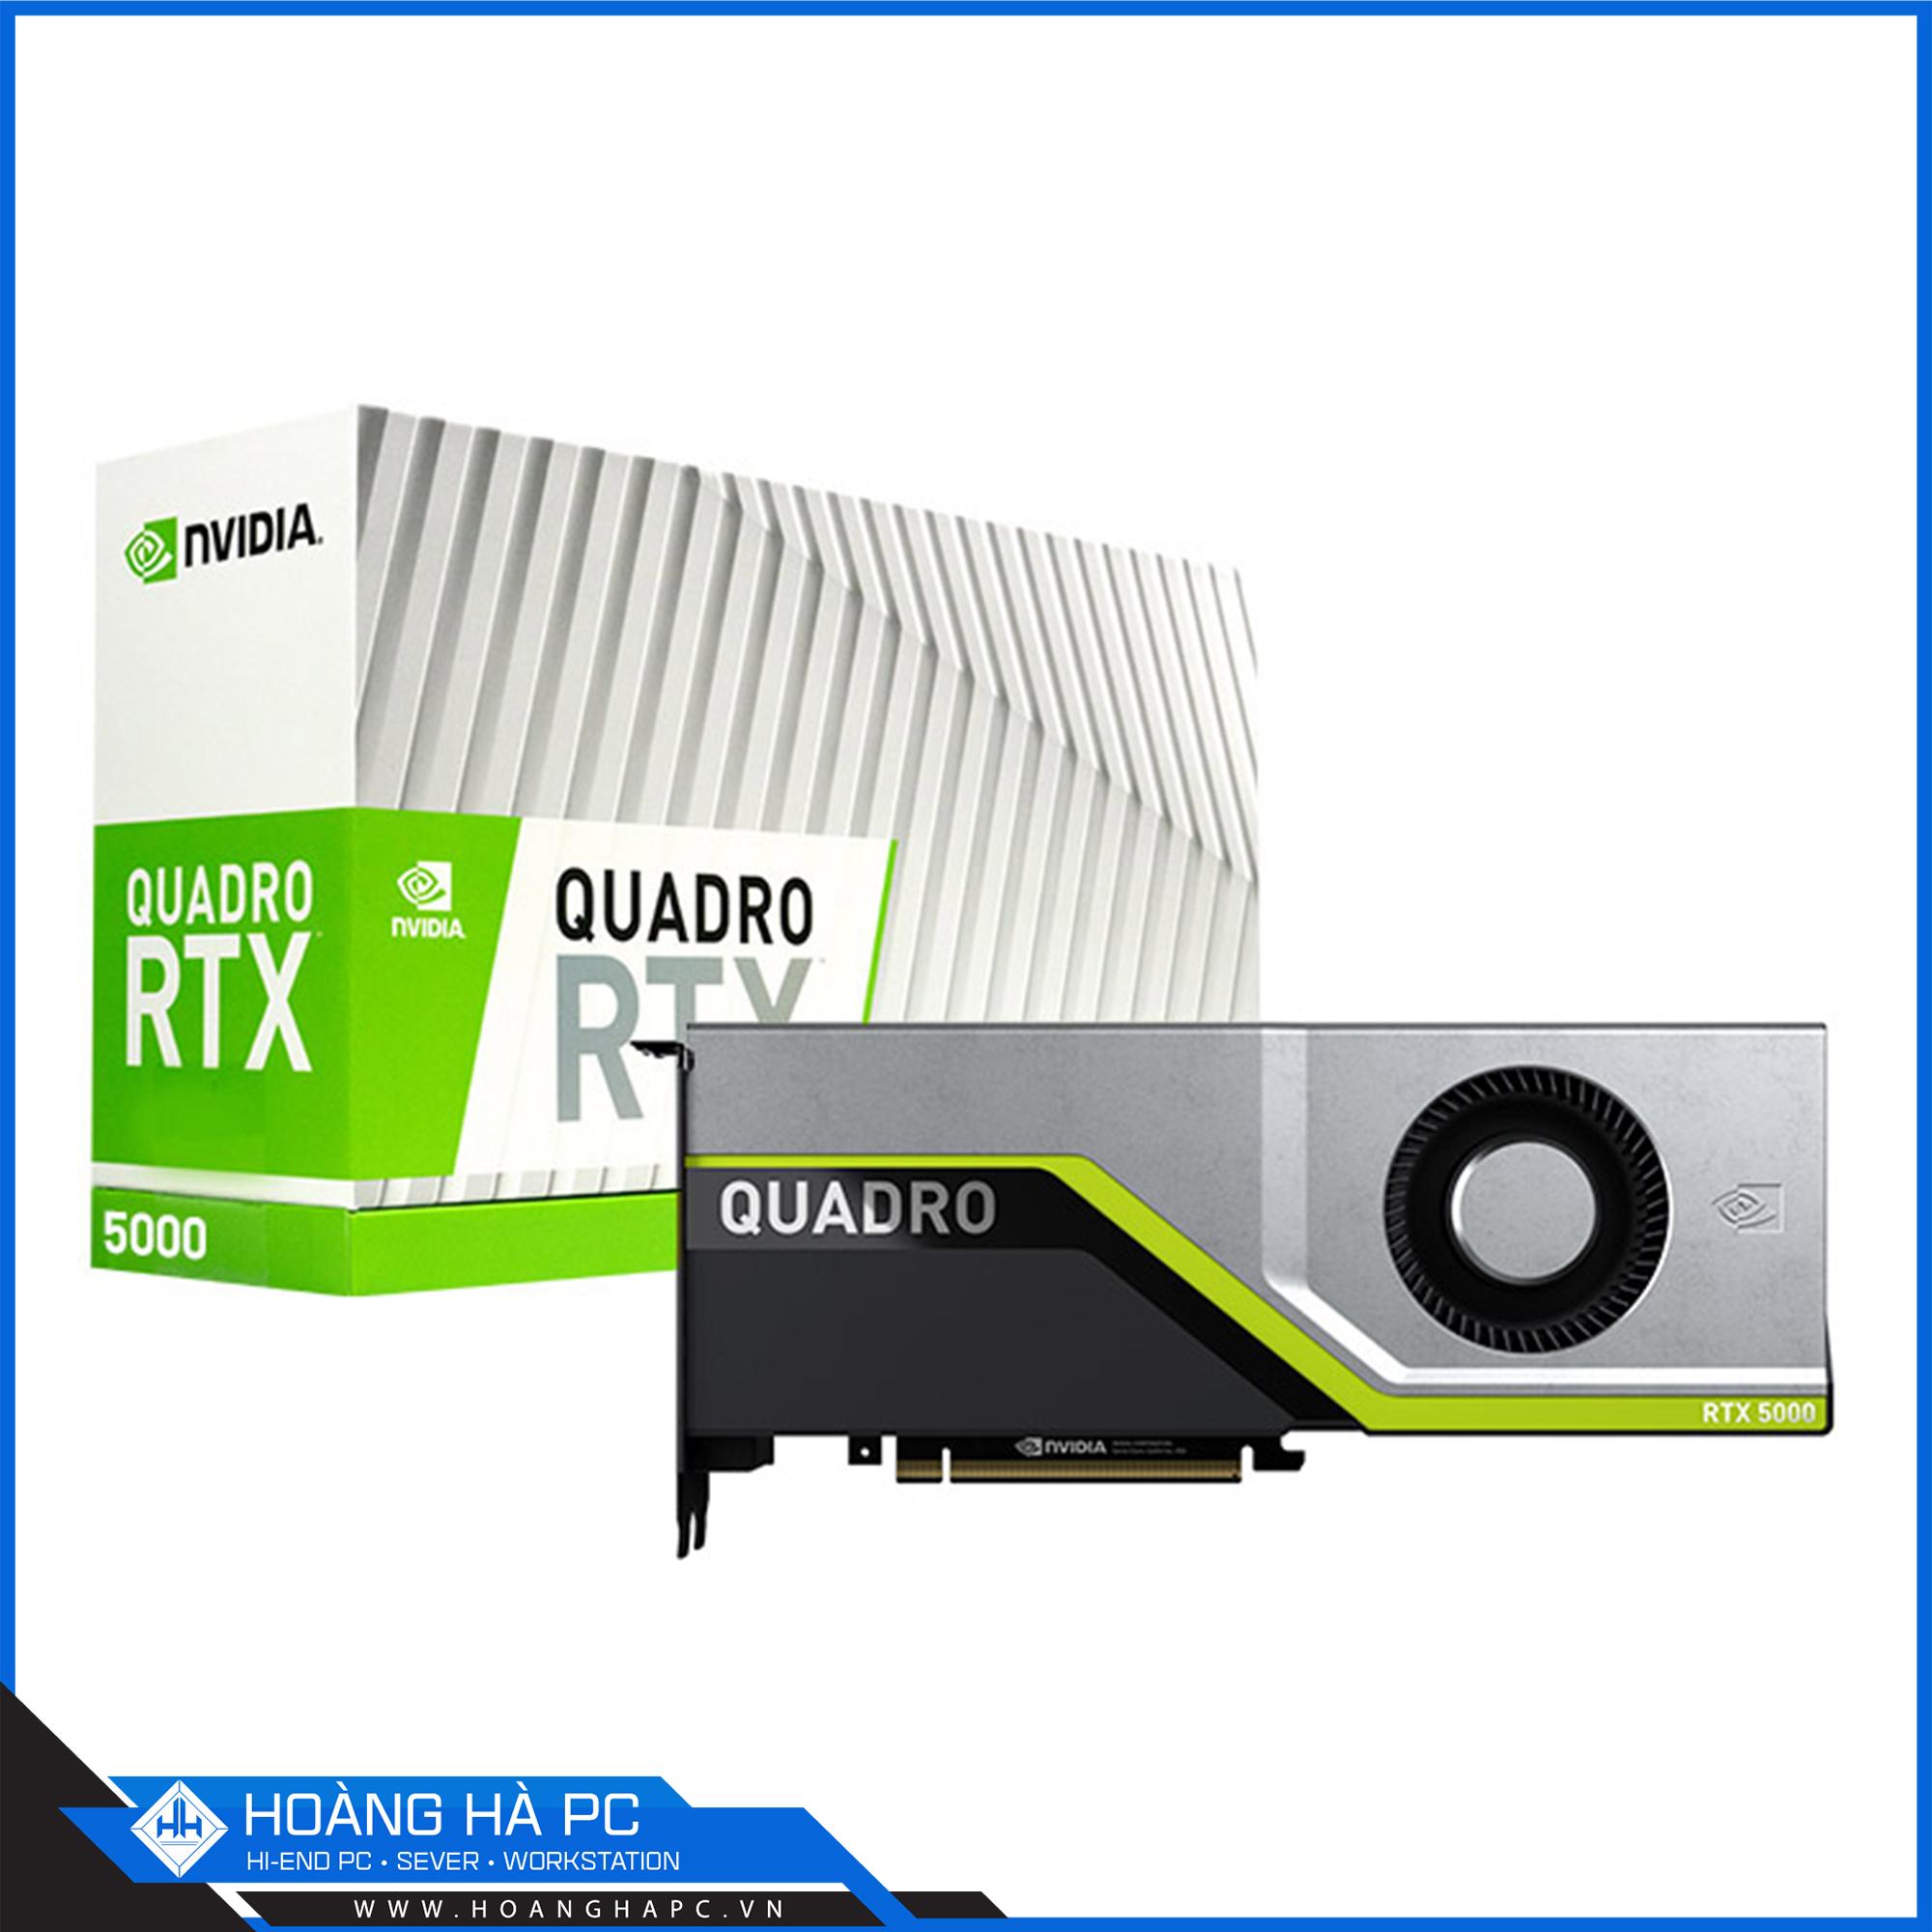 NVIDIA QUADRO RTX 5000 16G